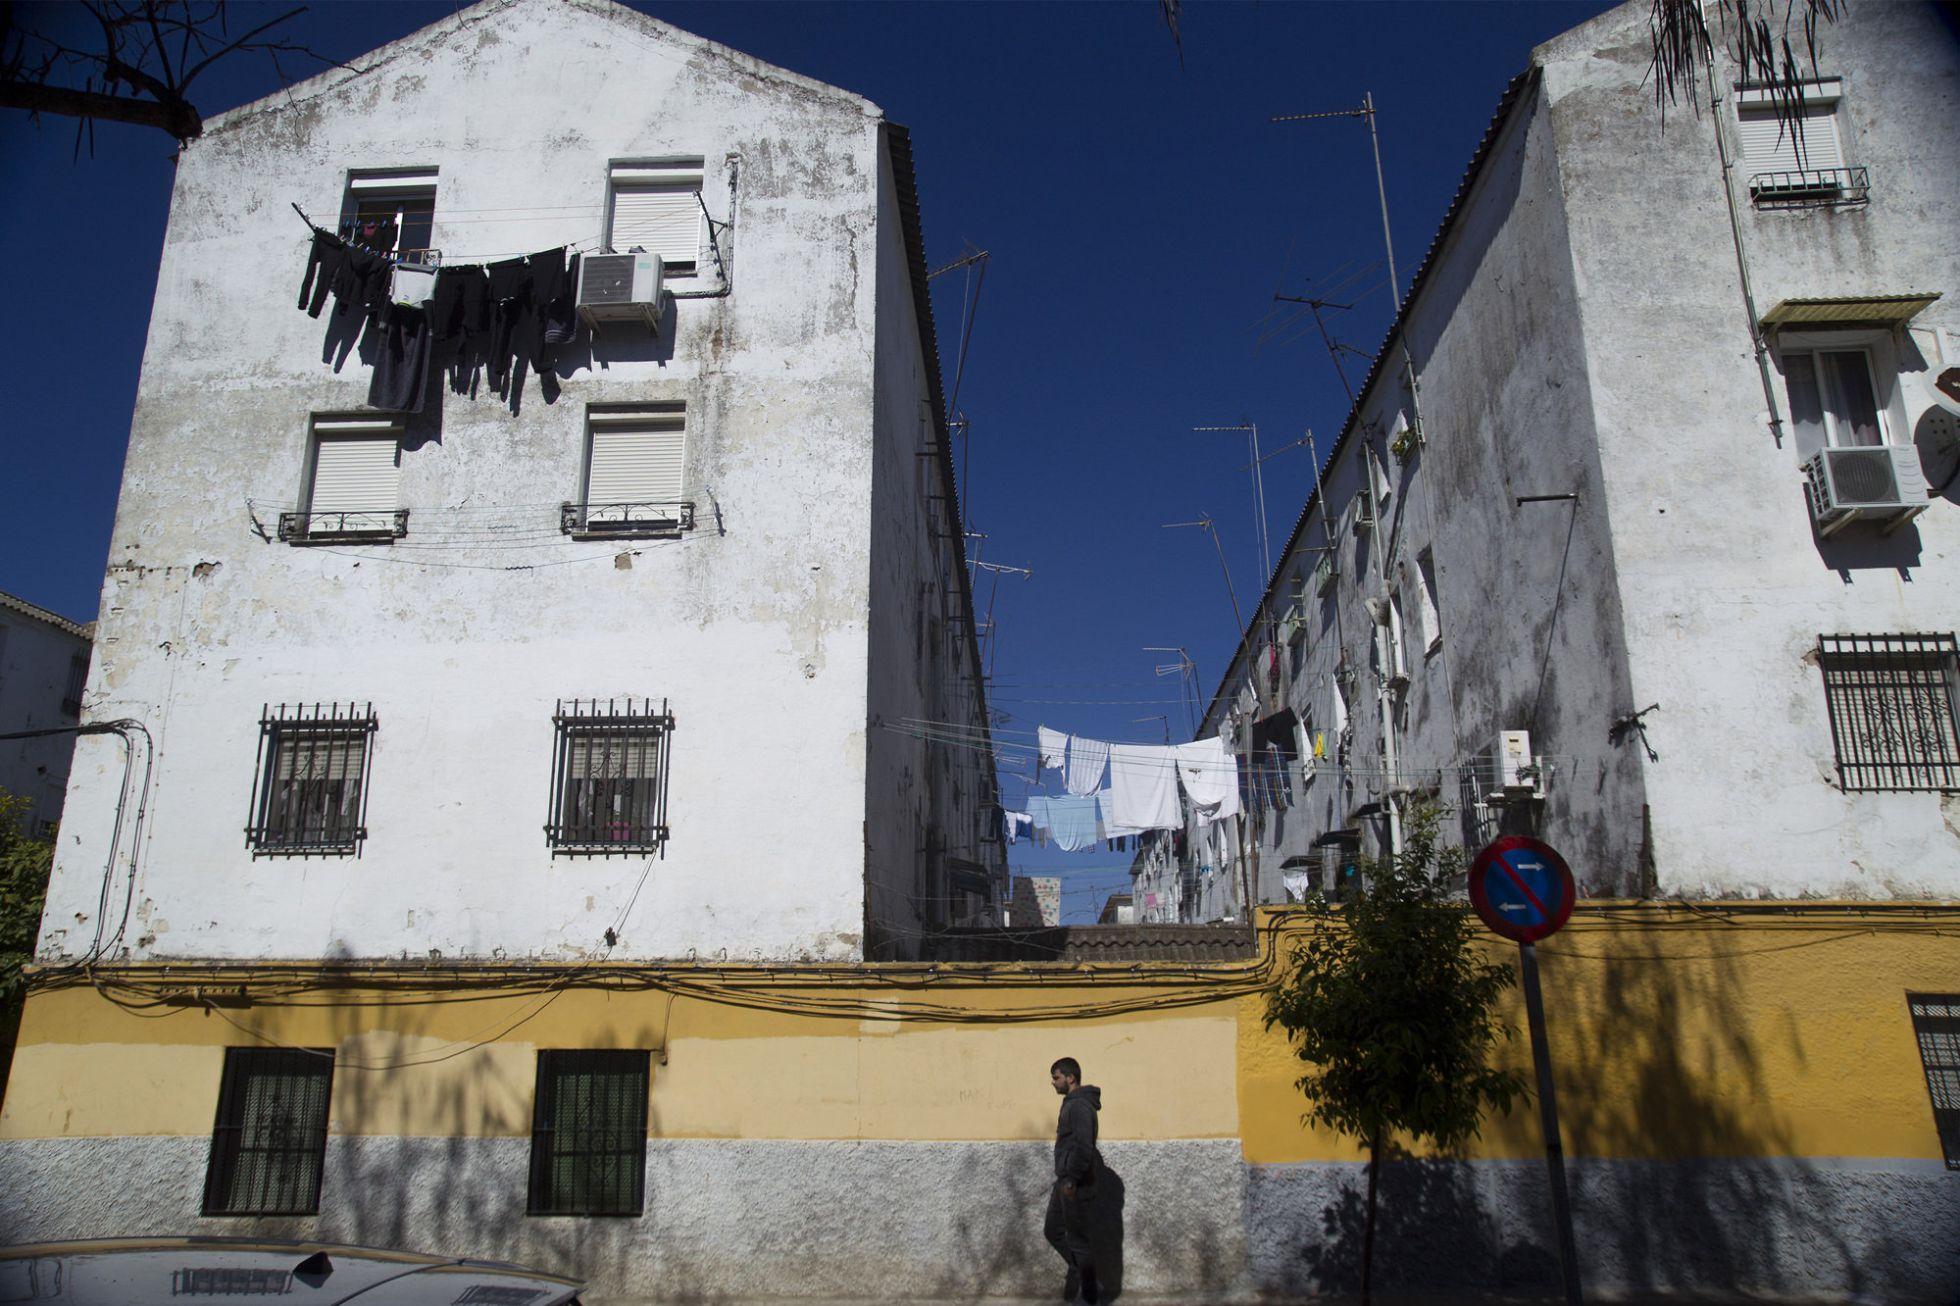 España, paraíso capitalista. Las condiciones de la lucha de clases y ... - Página 3 1456857080_004474_1456857793_sumario_normal_recorte1